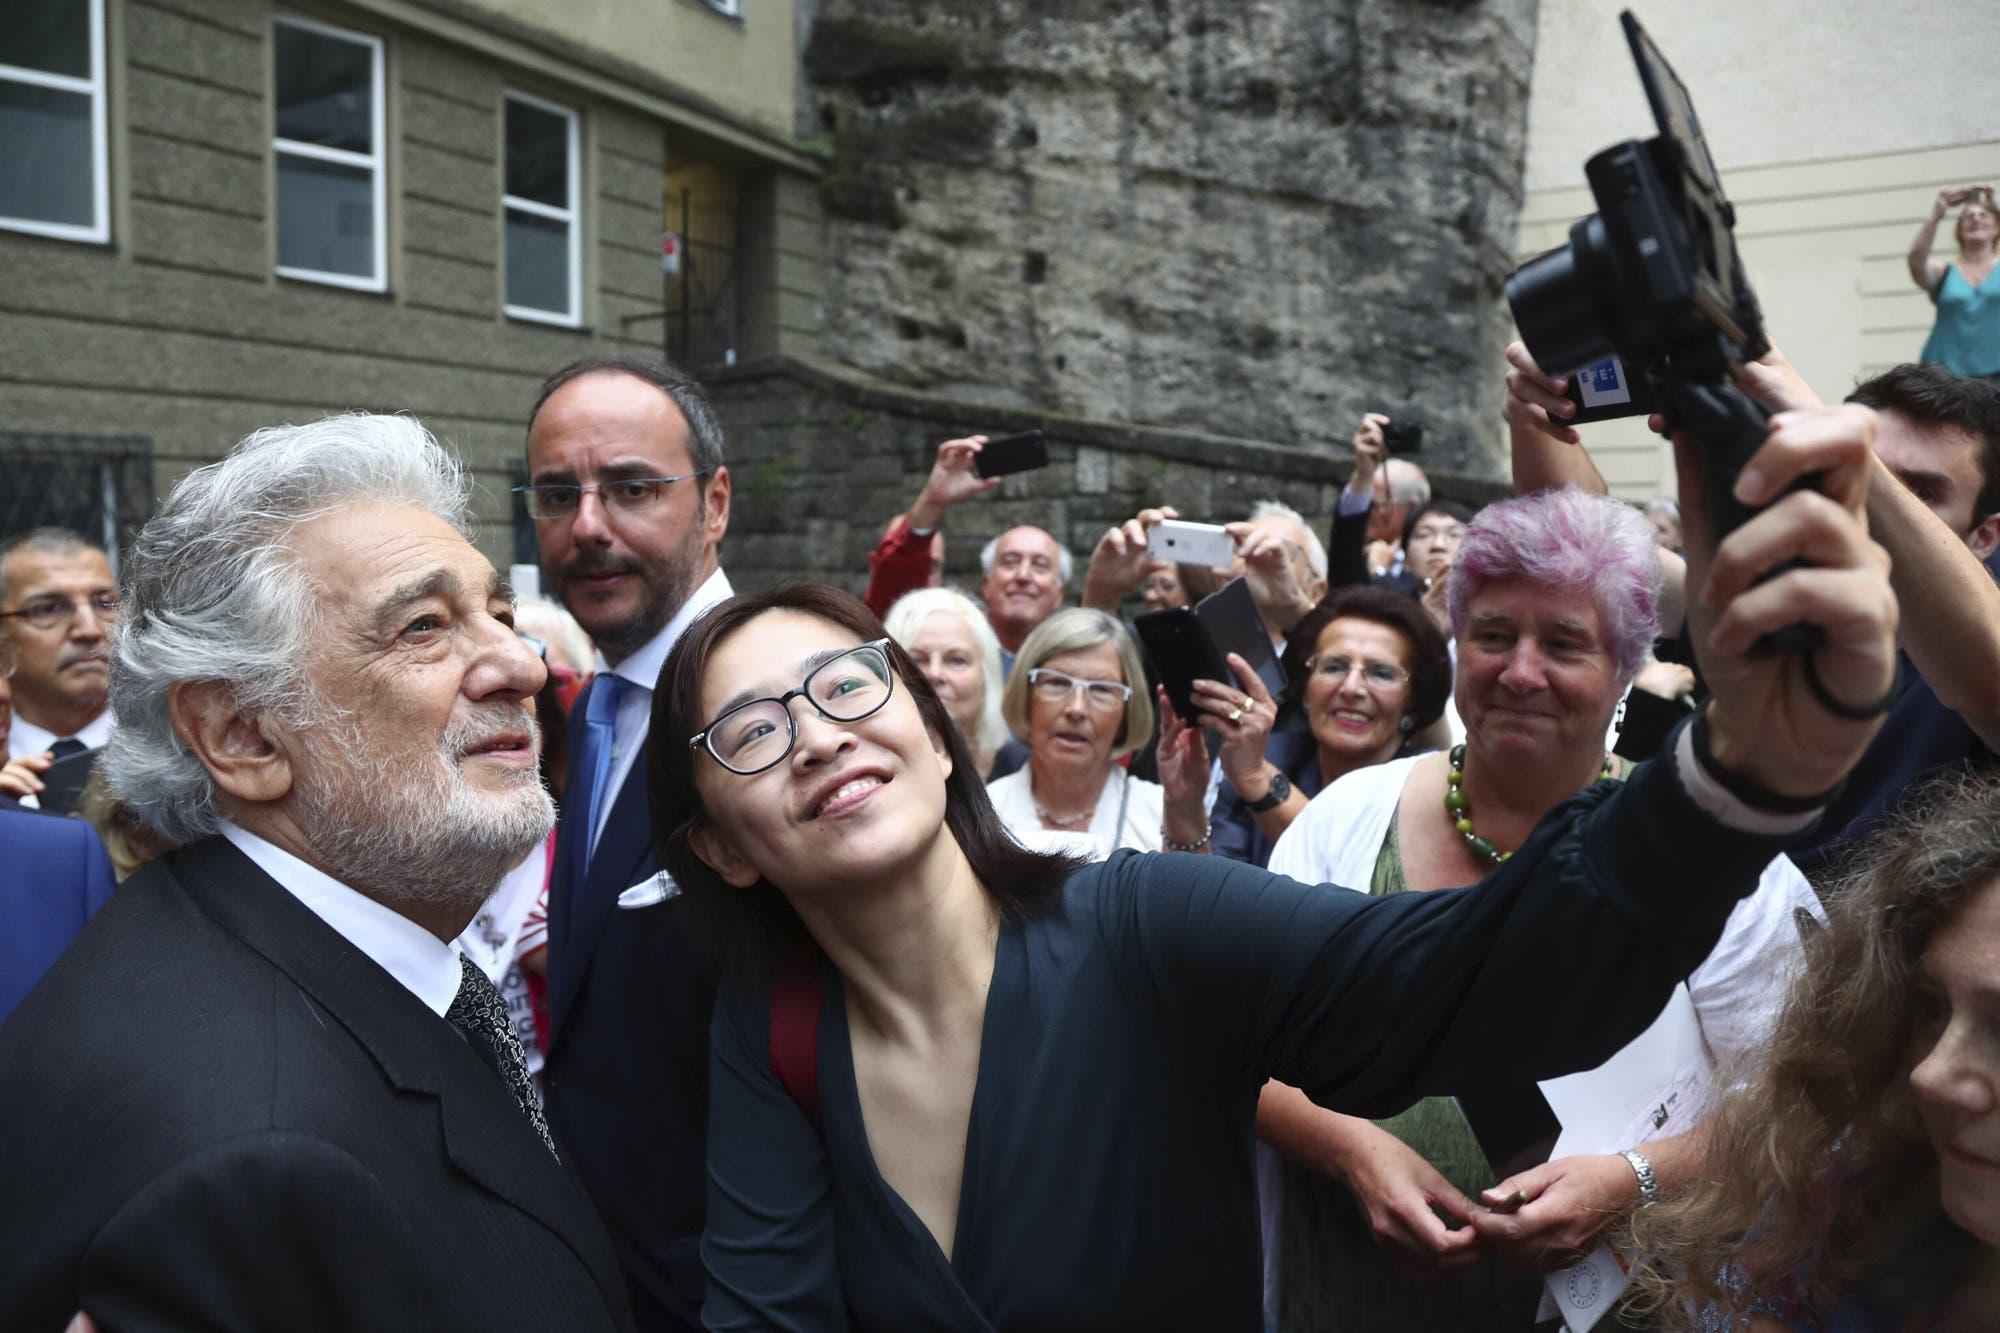 Tras las denuncias por acoso sexual, Plácido Domingo fue aclamado en su regreso a los escenarios